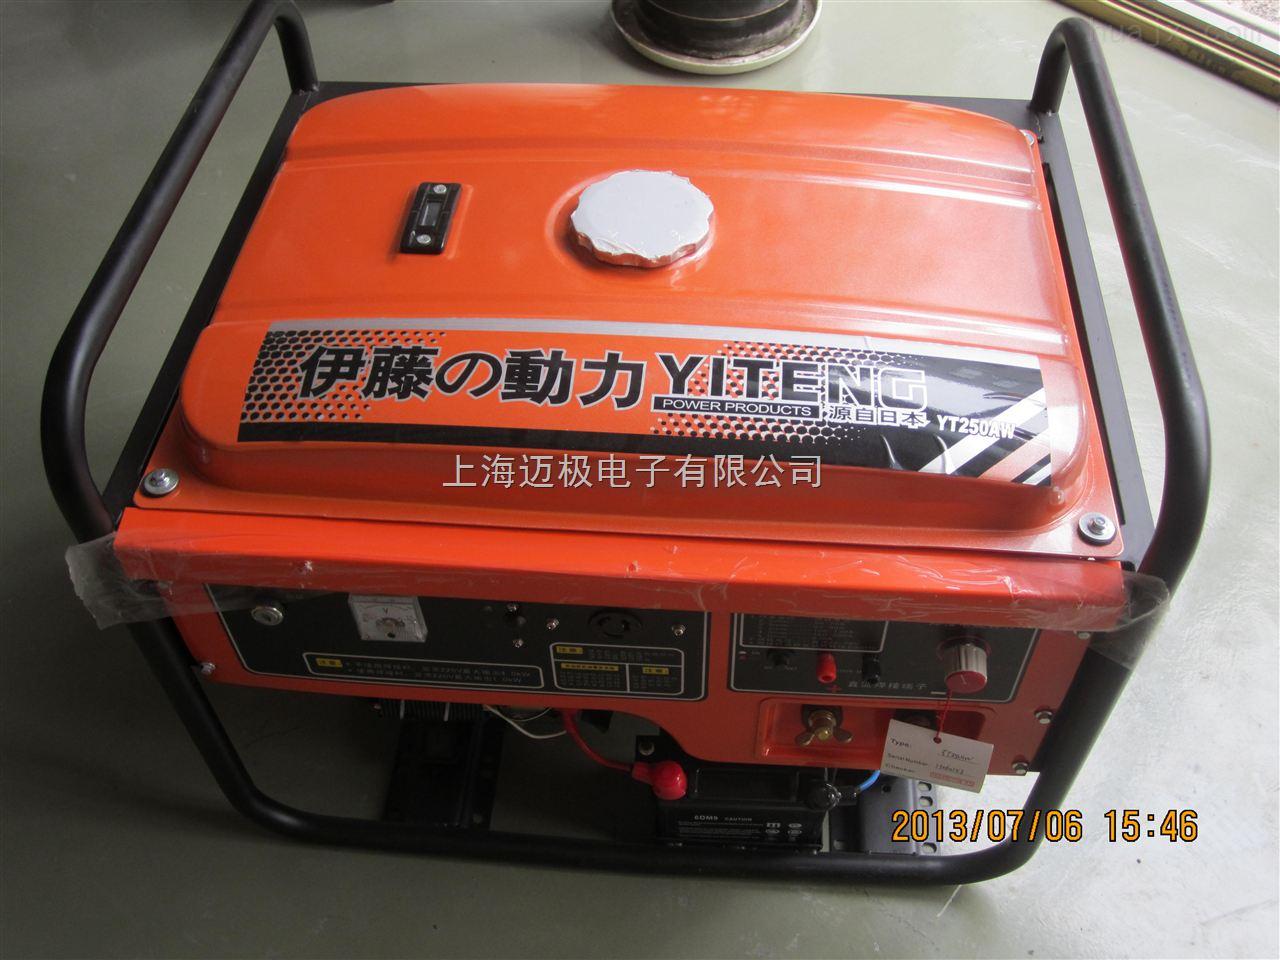 【详细说明】 自发电氩弧电焊机工作原理